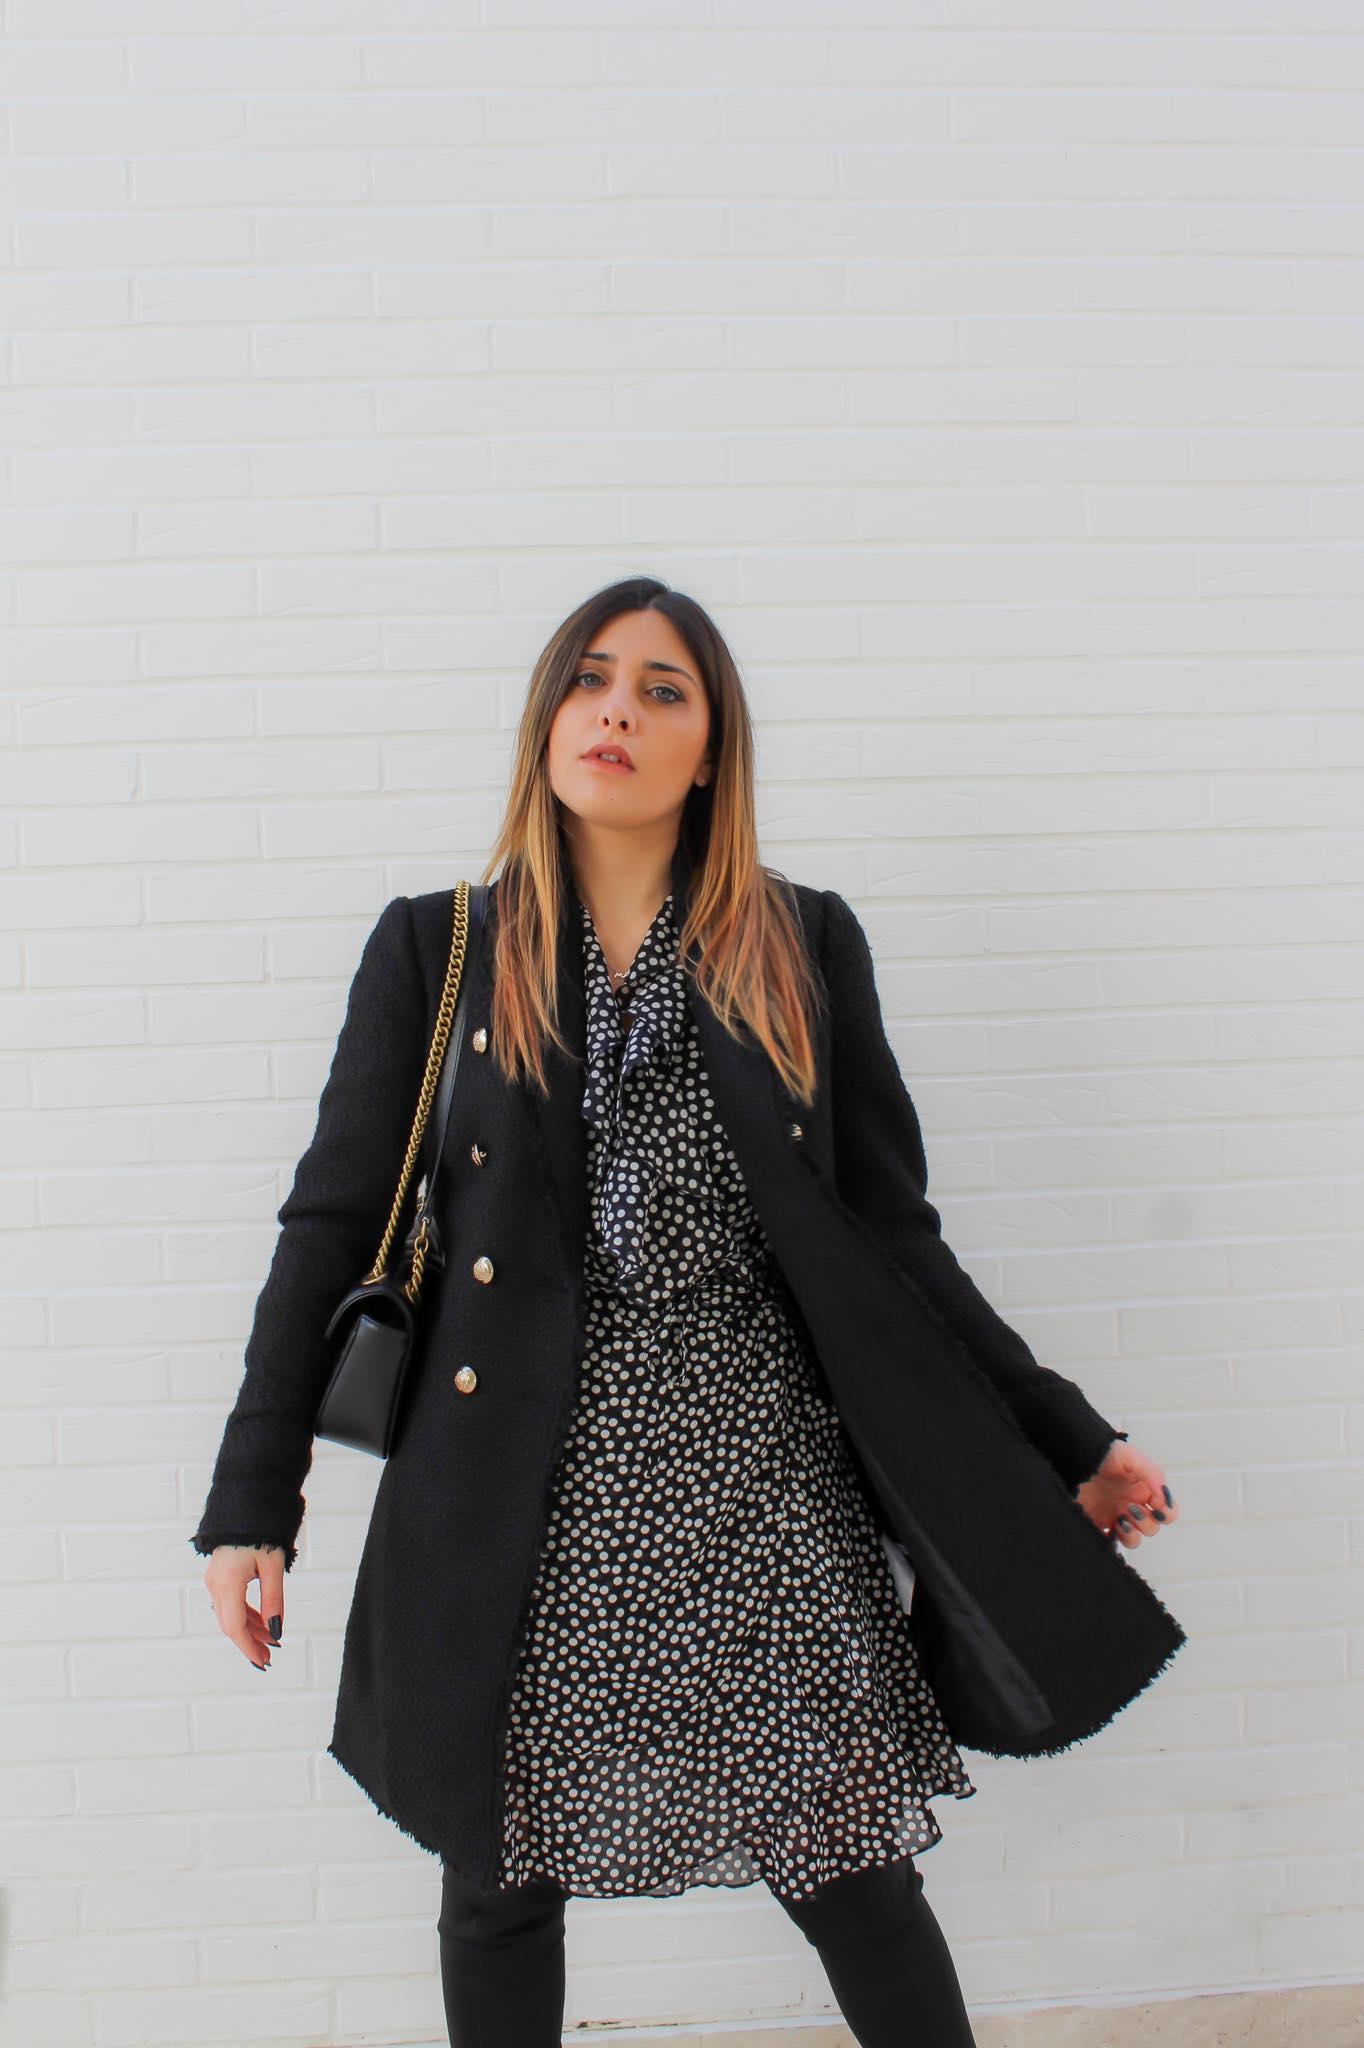 ragazza con giacca nera e bottoni dorati